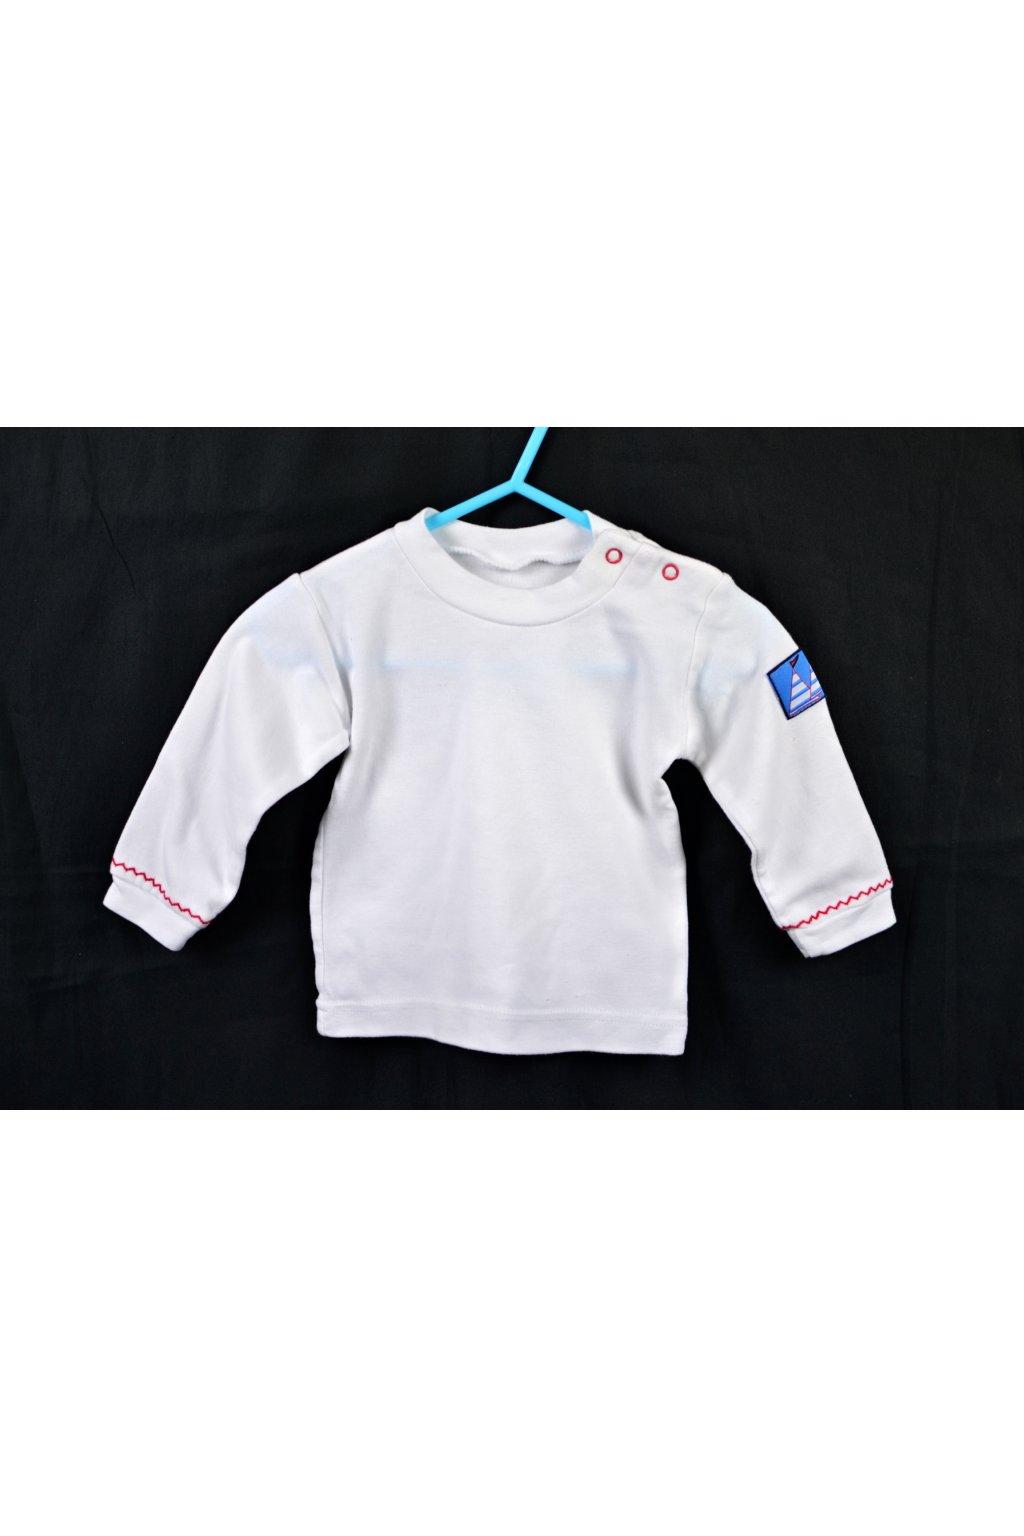 Tričko vel 68 bílé dlouhý rukáv